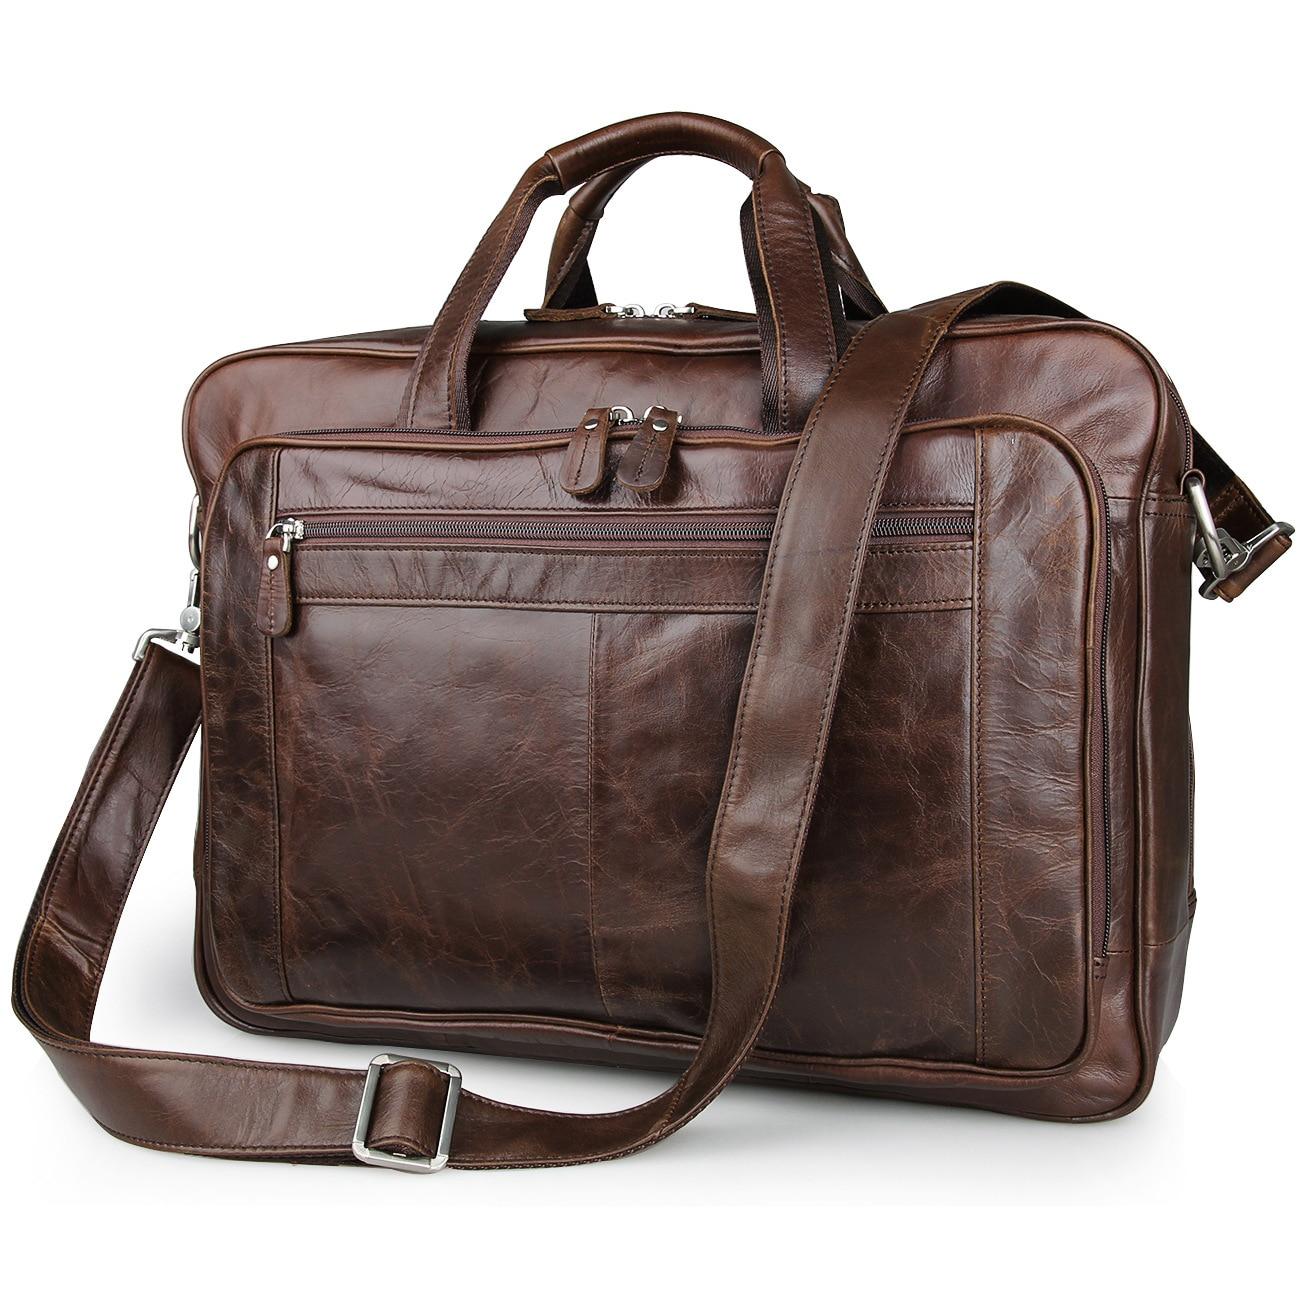 Fashion Vintage Men's Genuine Leather Briefcase Men Shoulder Bag Handbag Large Capacity Cowhide Business Laptop Tote Travel Bag все цены